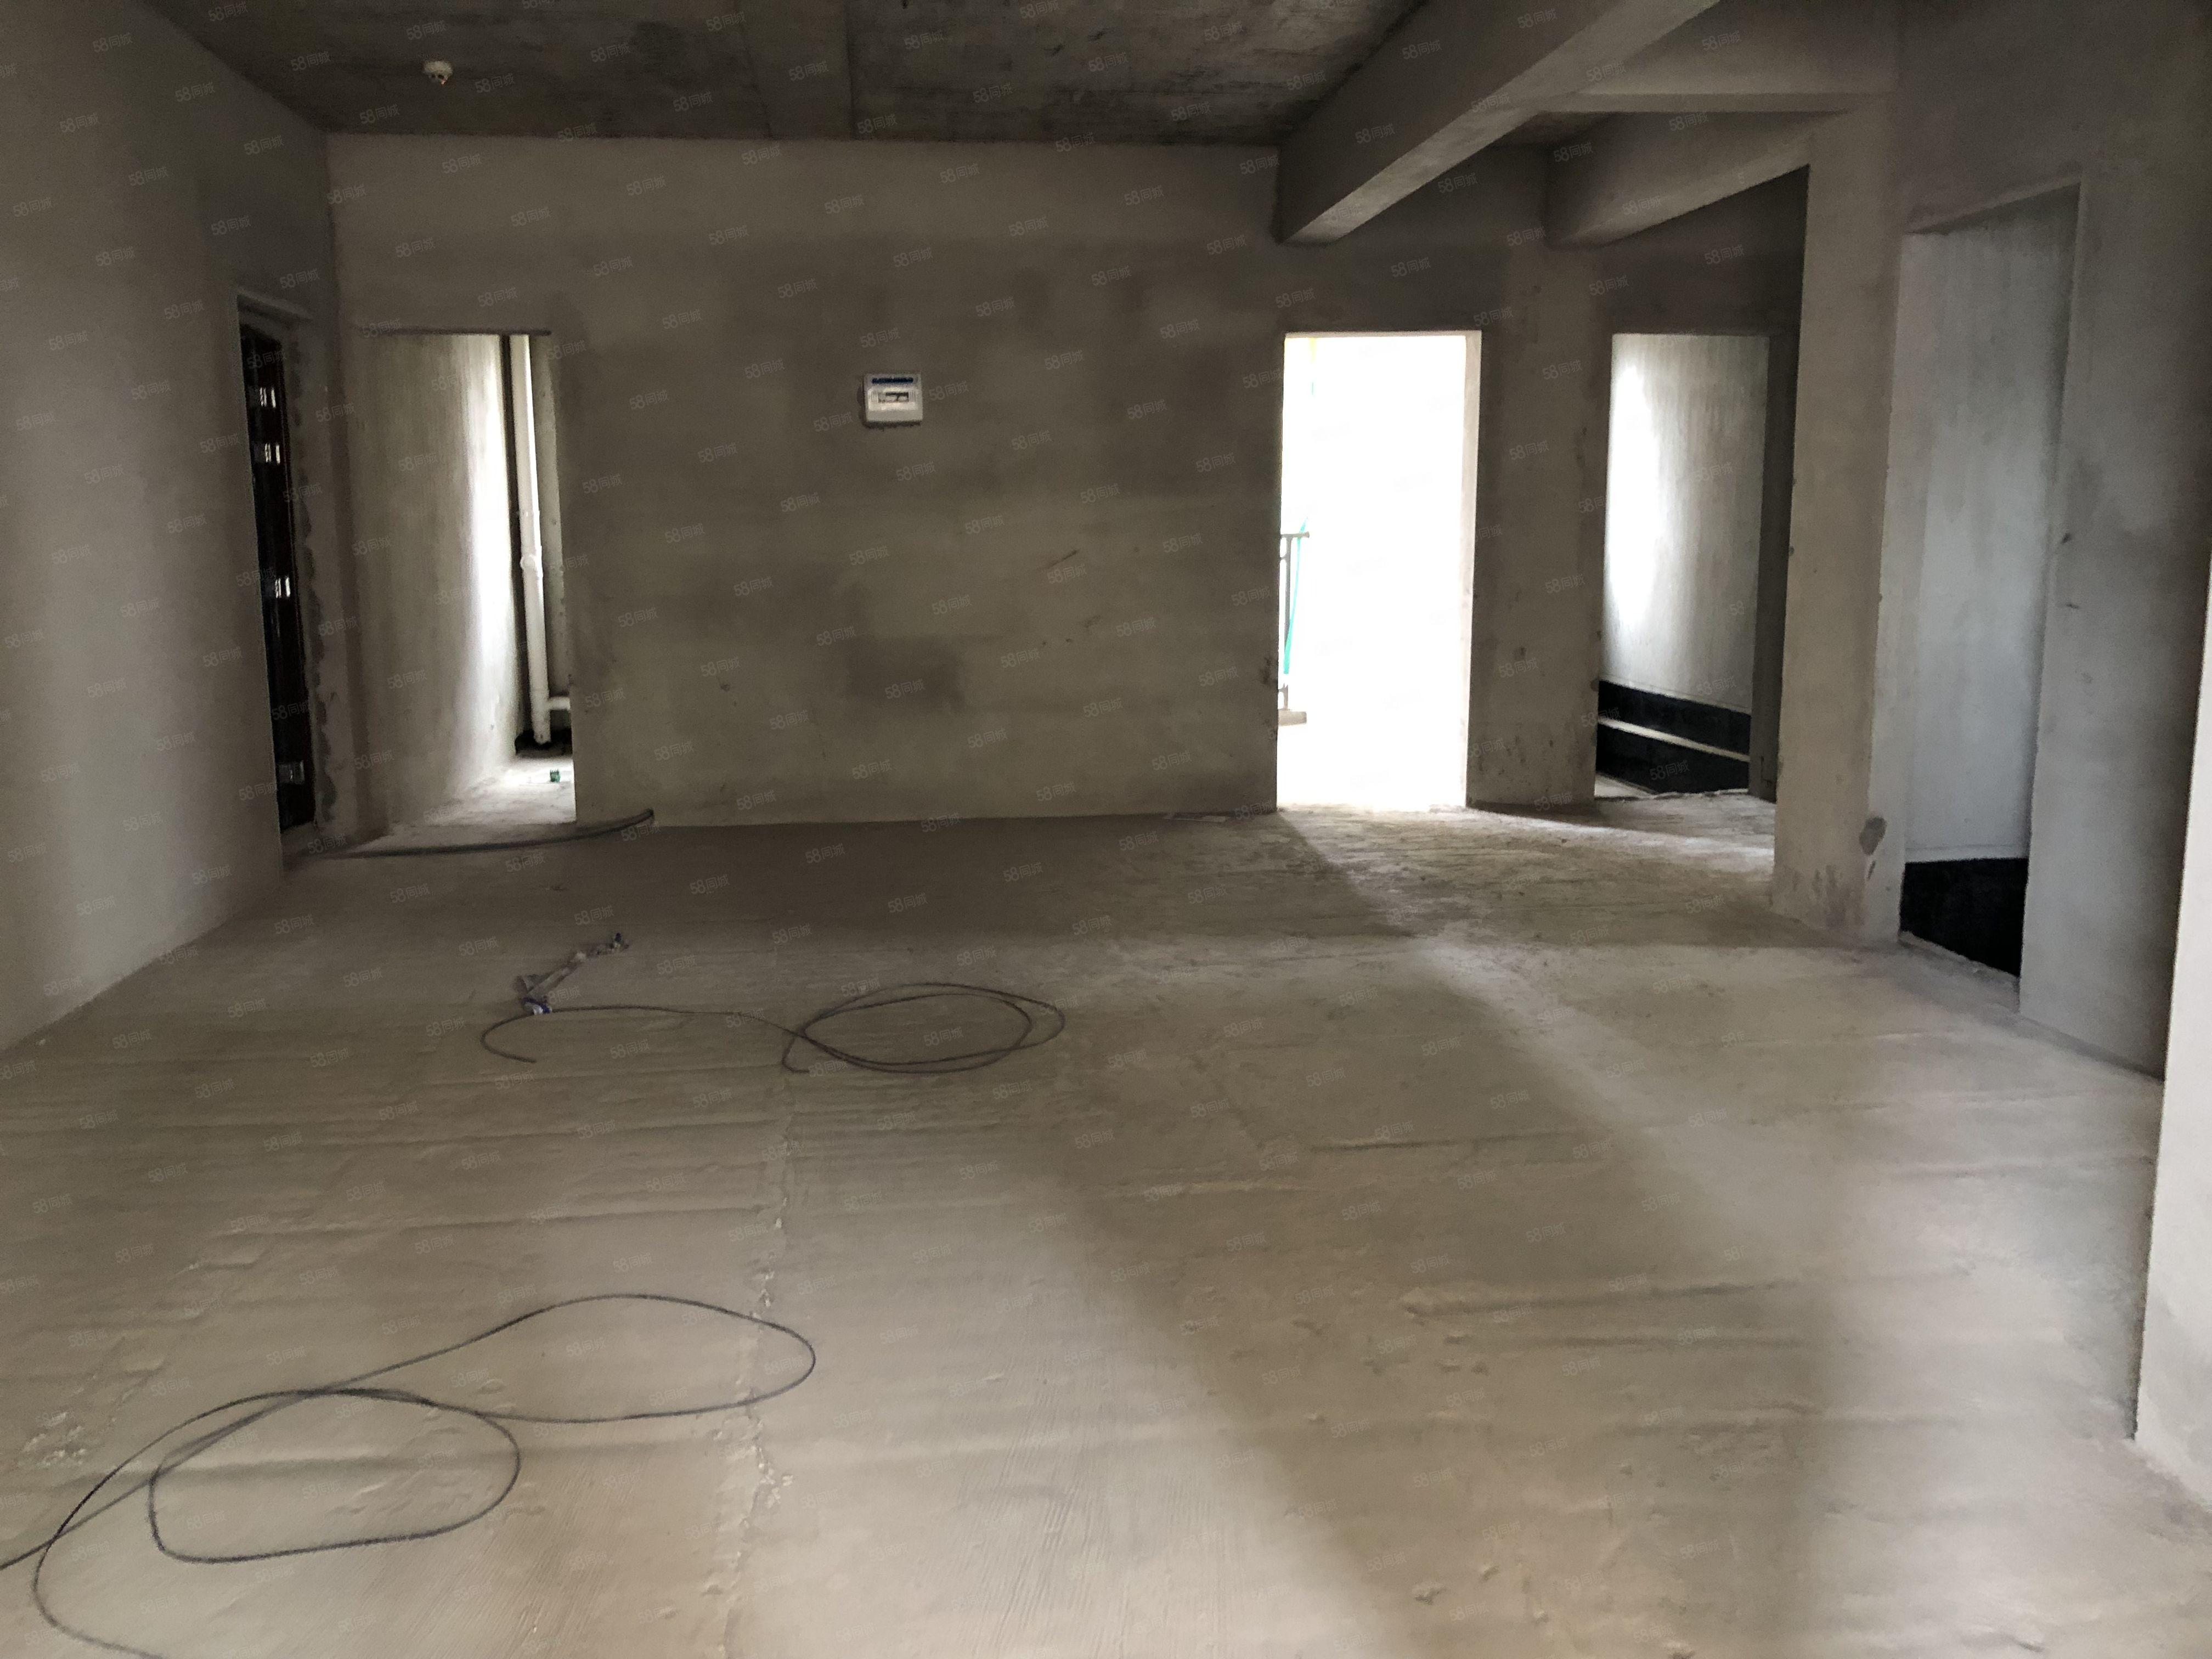 濱江未來城3房2廳毛坯房誠意出售,南北通透